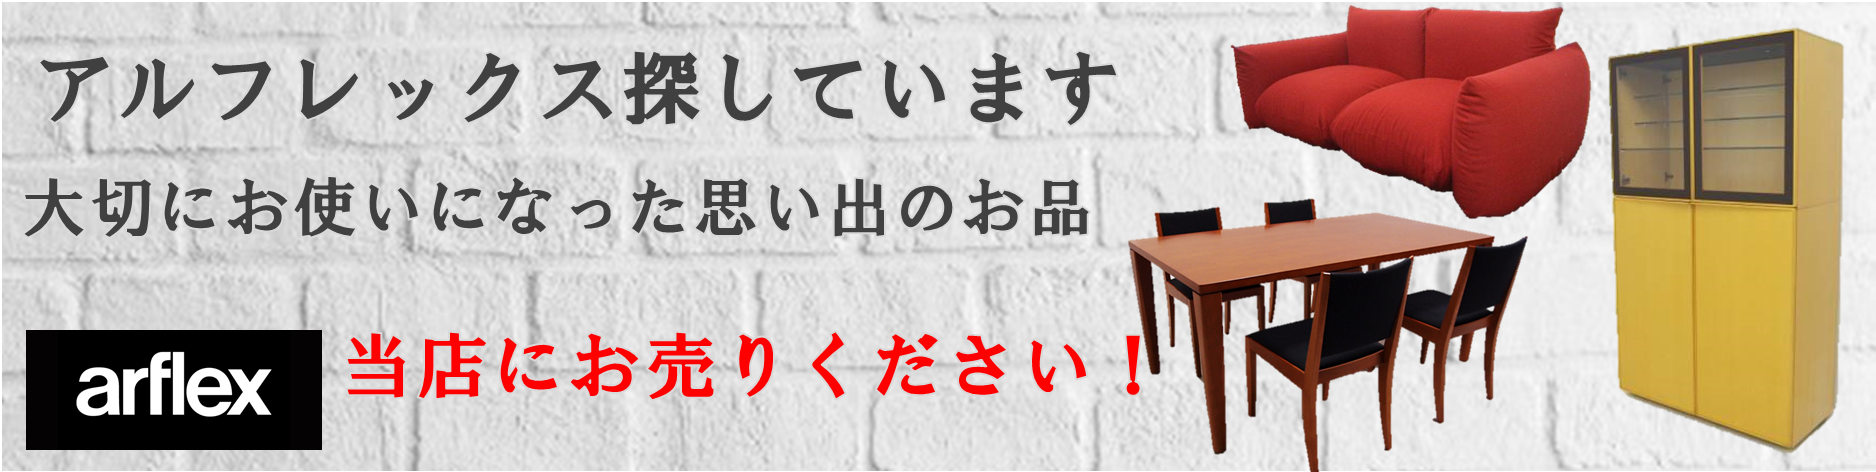 東京、横浜にてアルフレックス社製品お買取り強化中! マレンコ/コンポーザー/モンターニャ